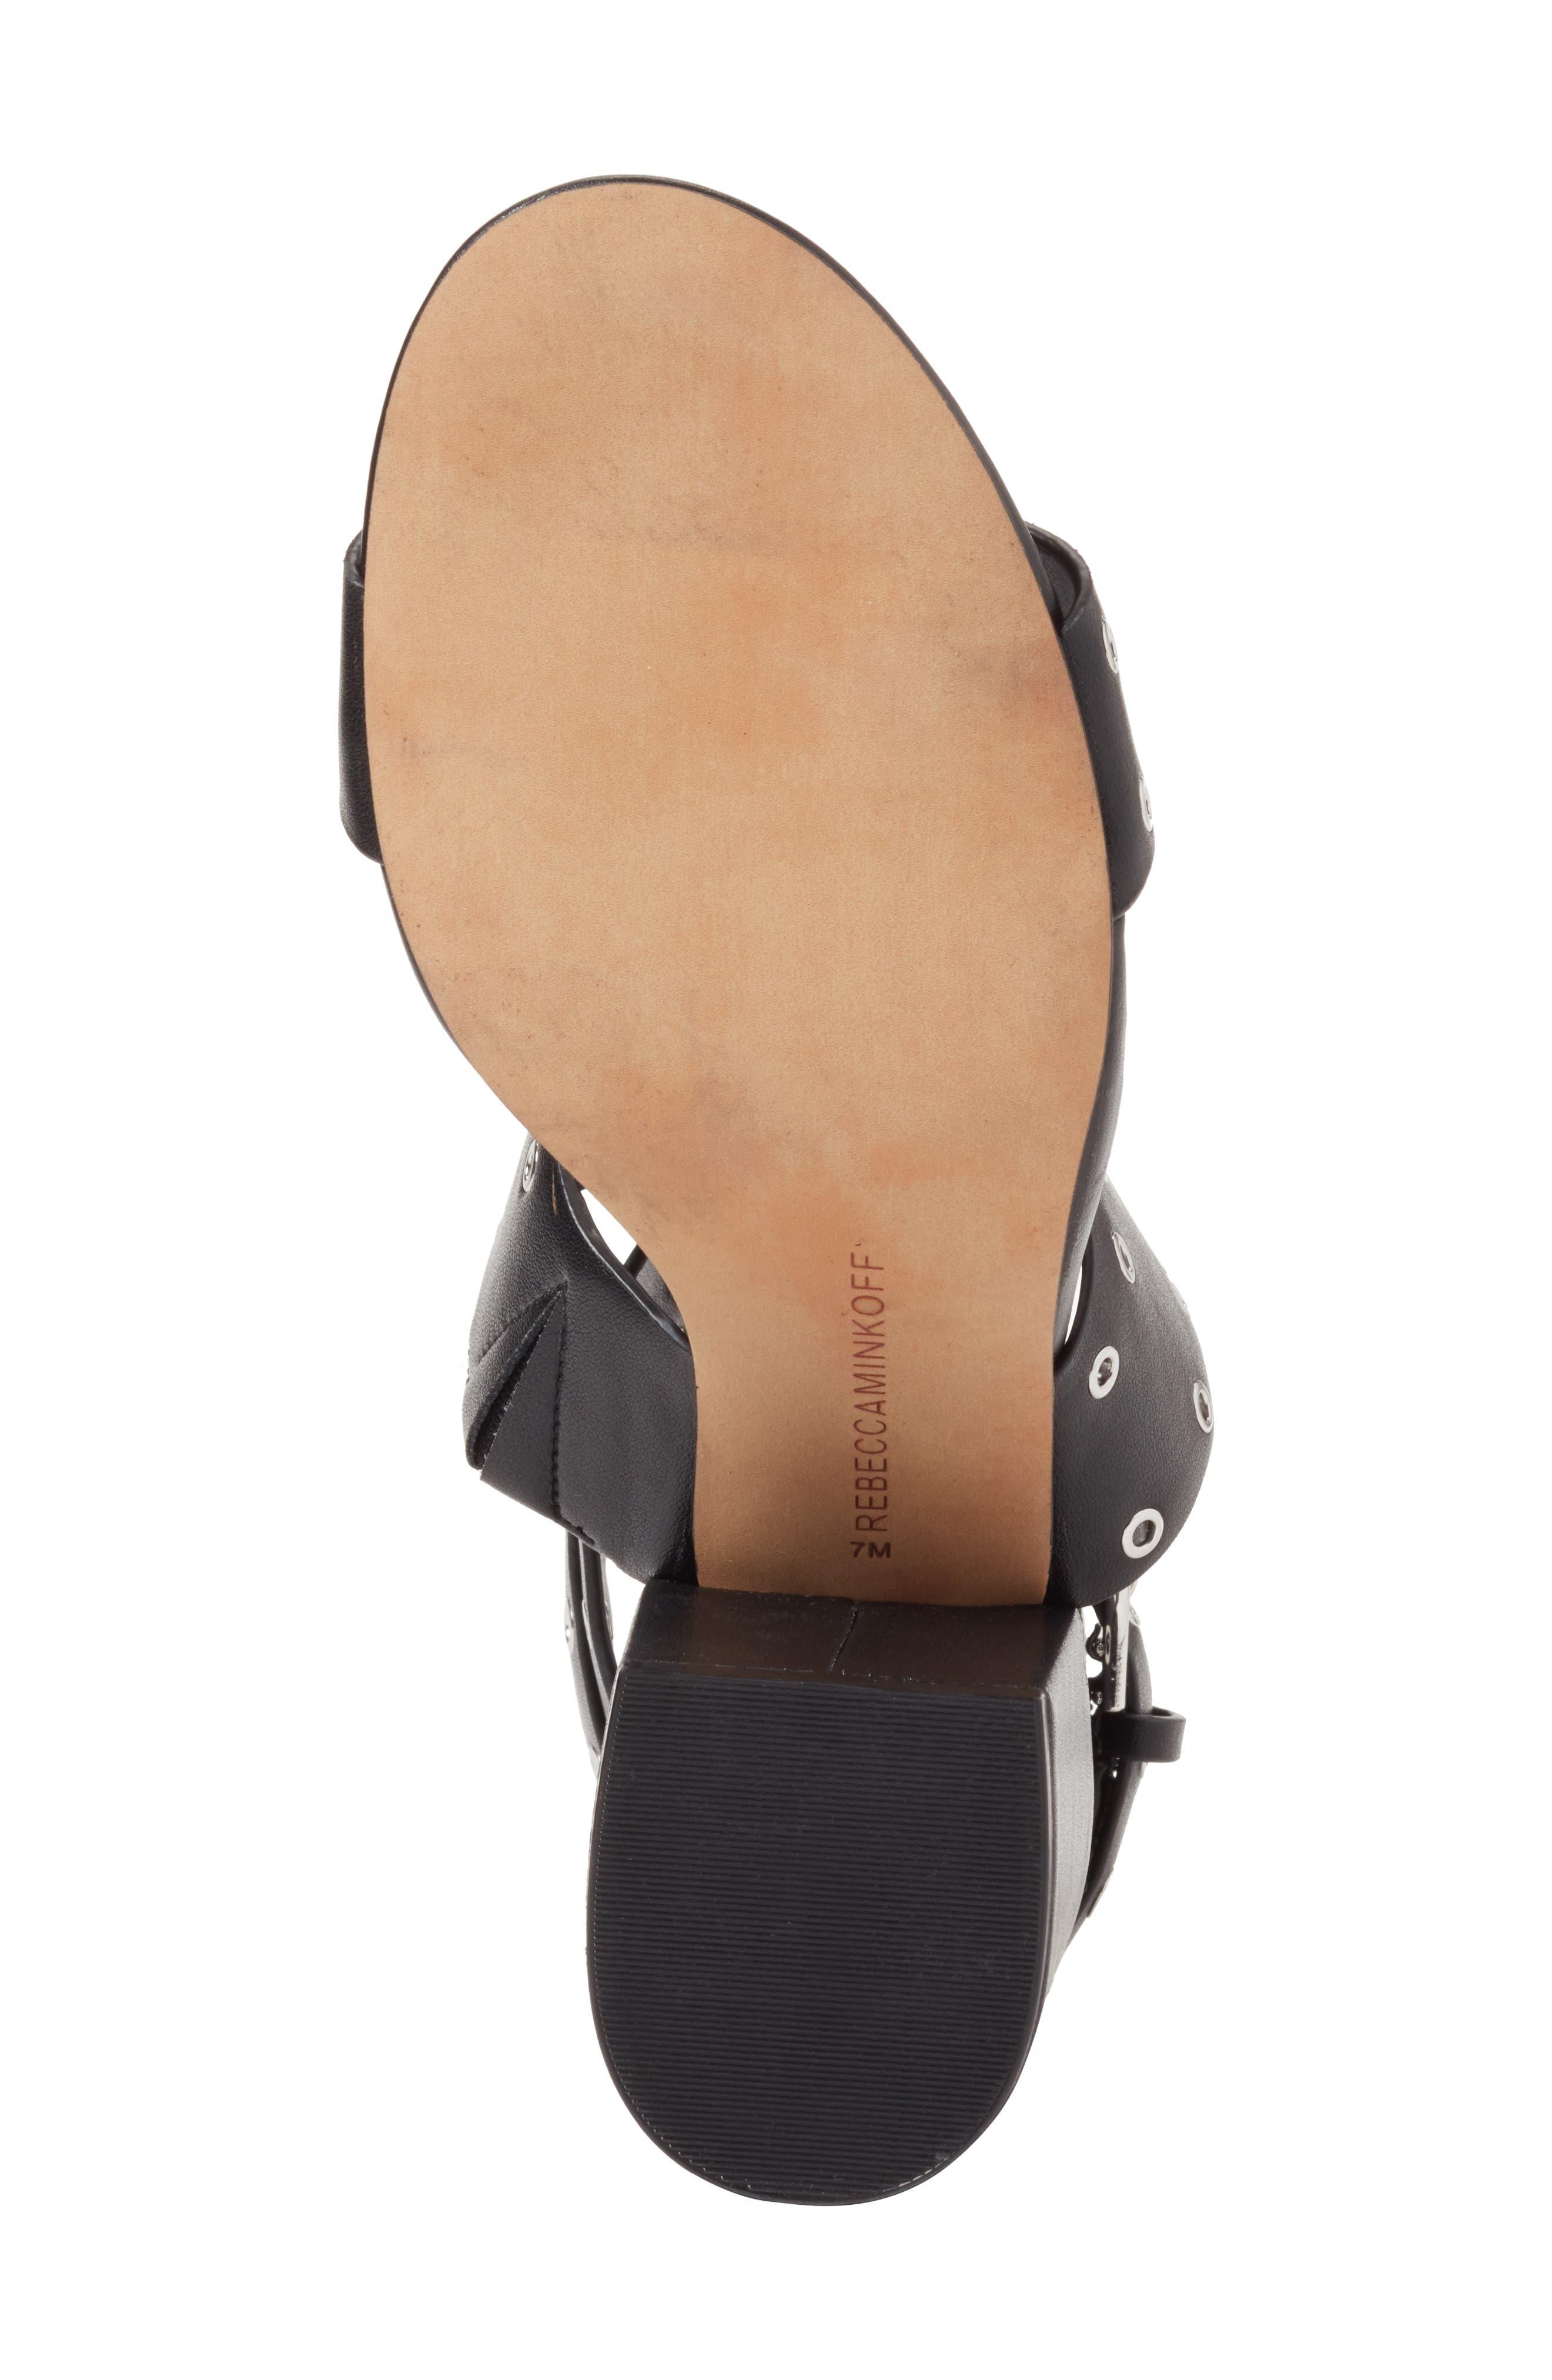 Carter Grommet Sandal,                             Alternate thumbnail 6, color,                             BLACK CALF LEATHER